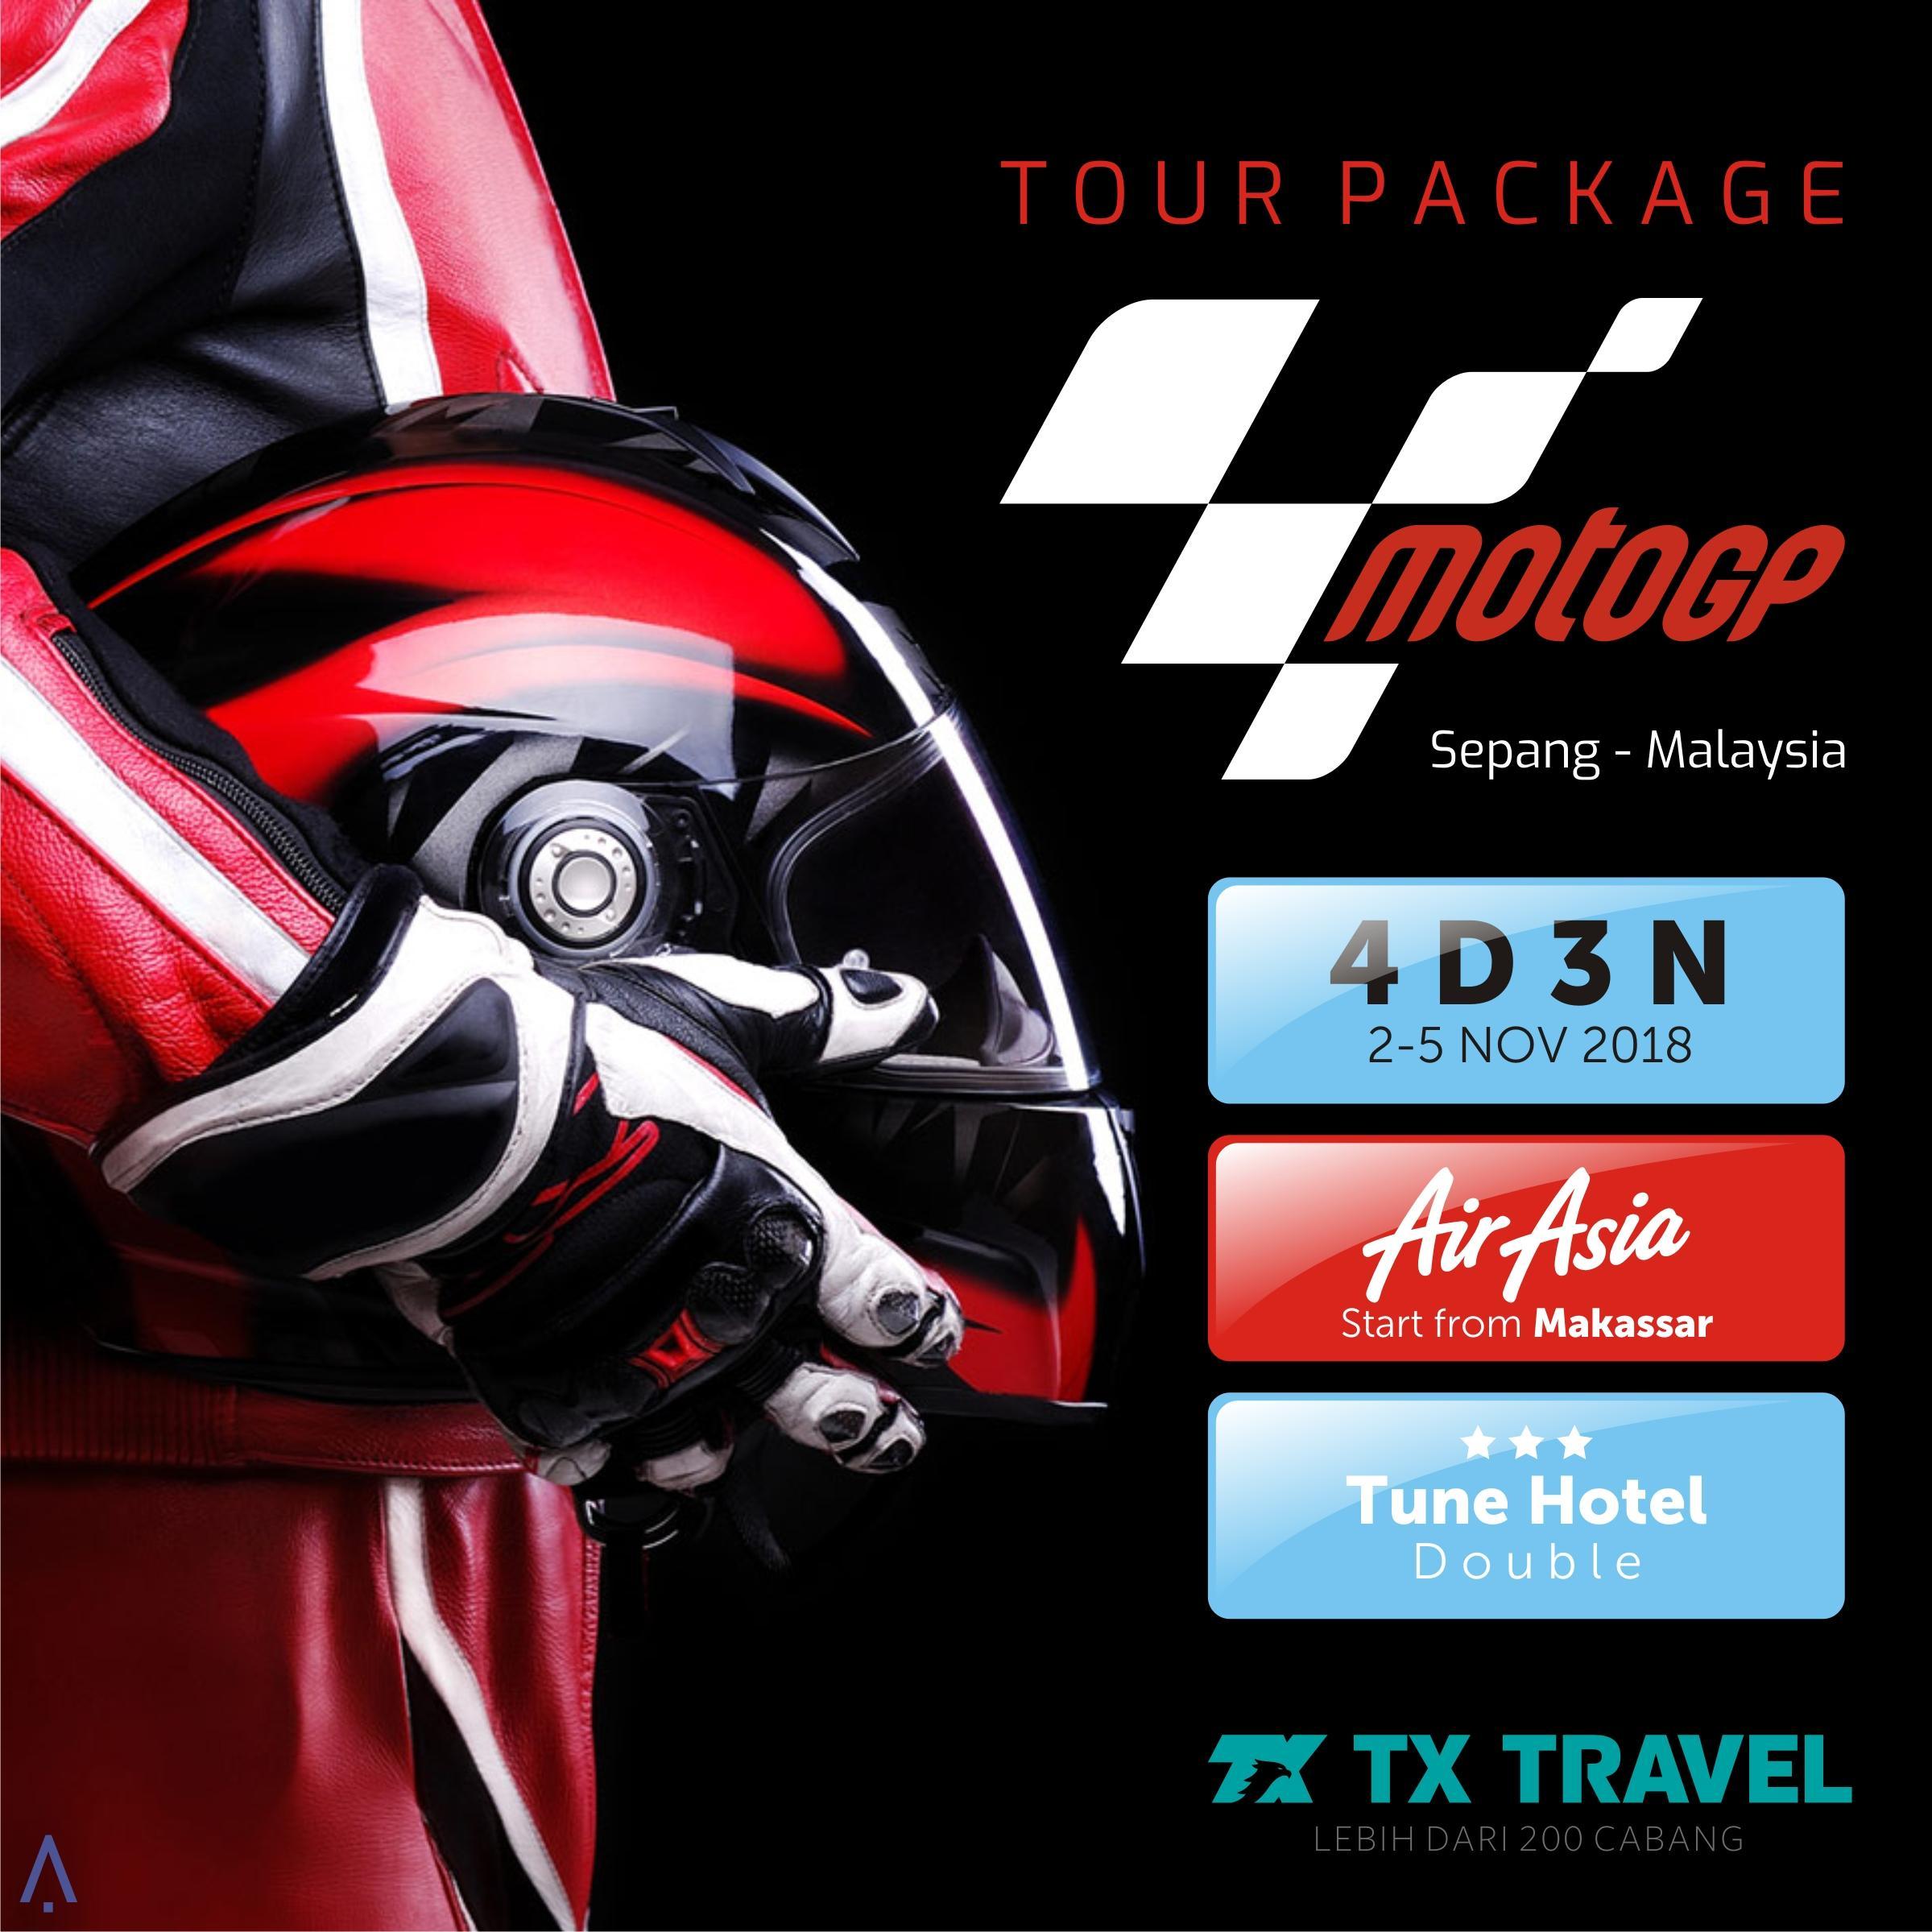 Harga Tiket Pesawat Murah Garuda Terbaru Oktober 2018 Info Daftar Sic Racing Team K2 Uncovered Hillstand Motogp Sepang 2 4 Nov Paket Tur 4d3n Makassar